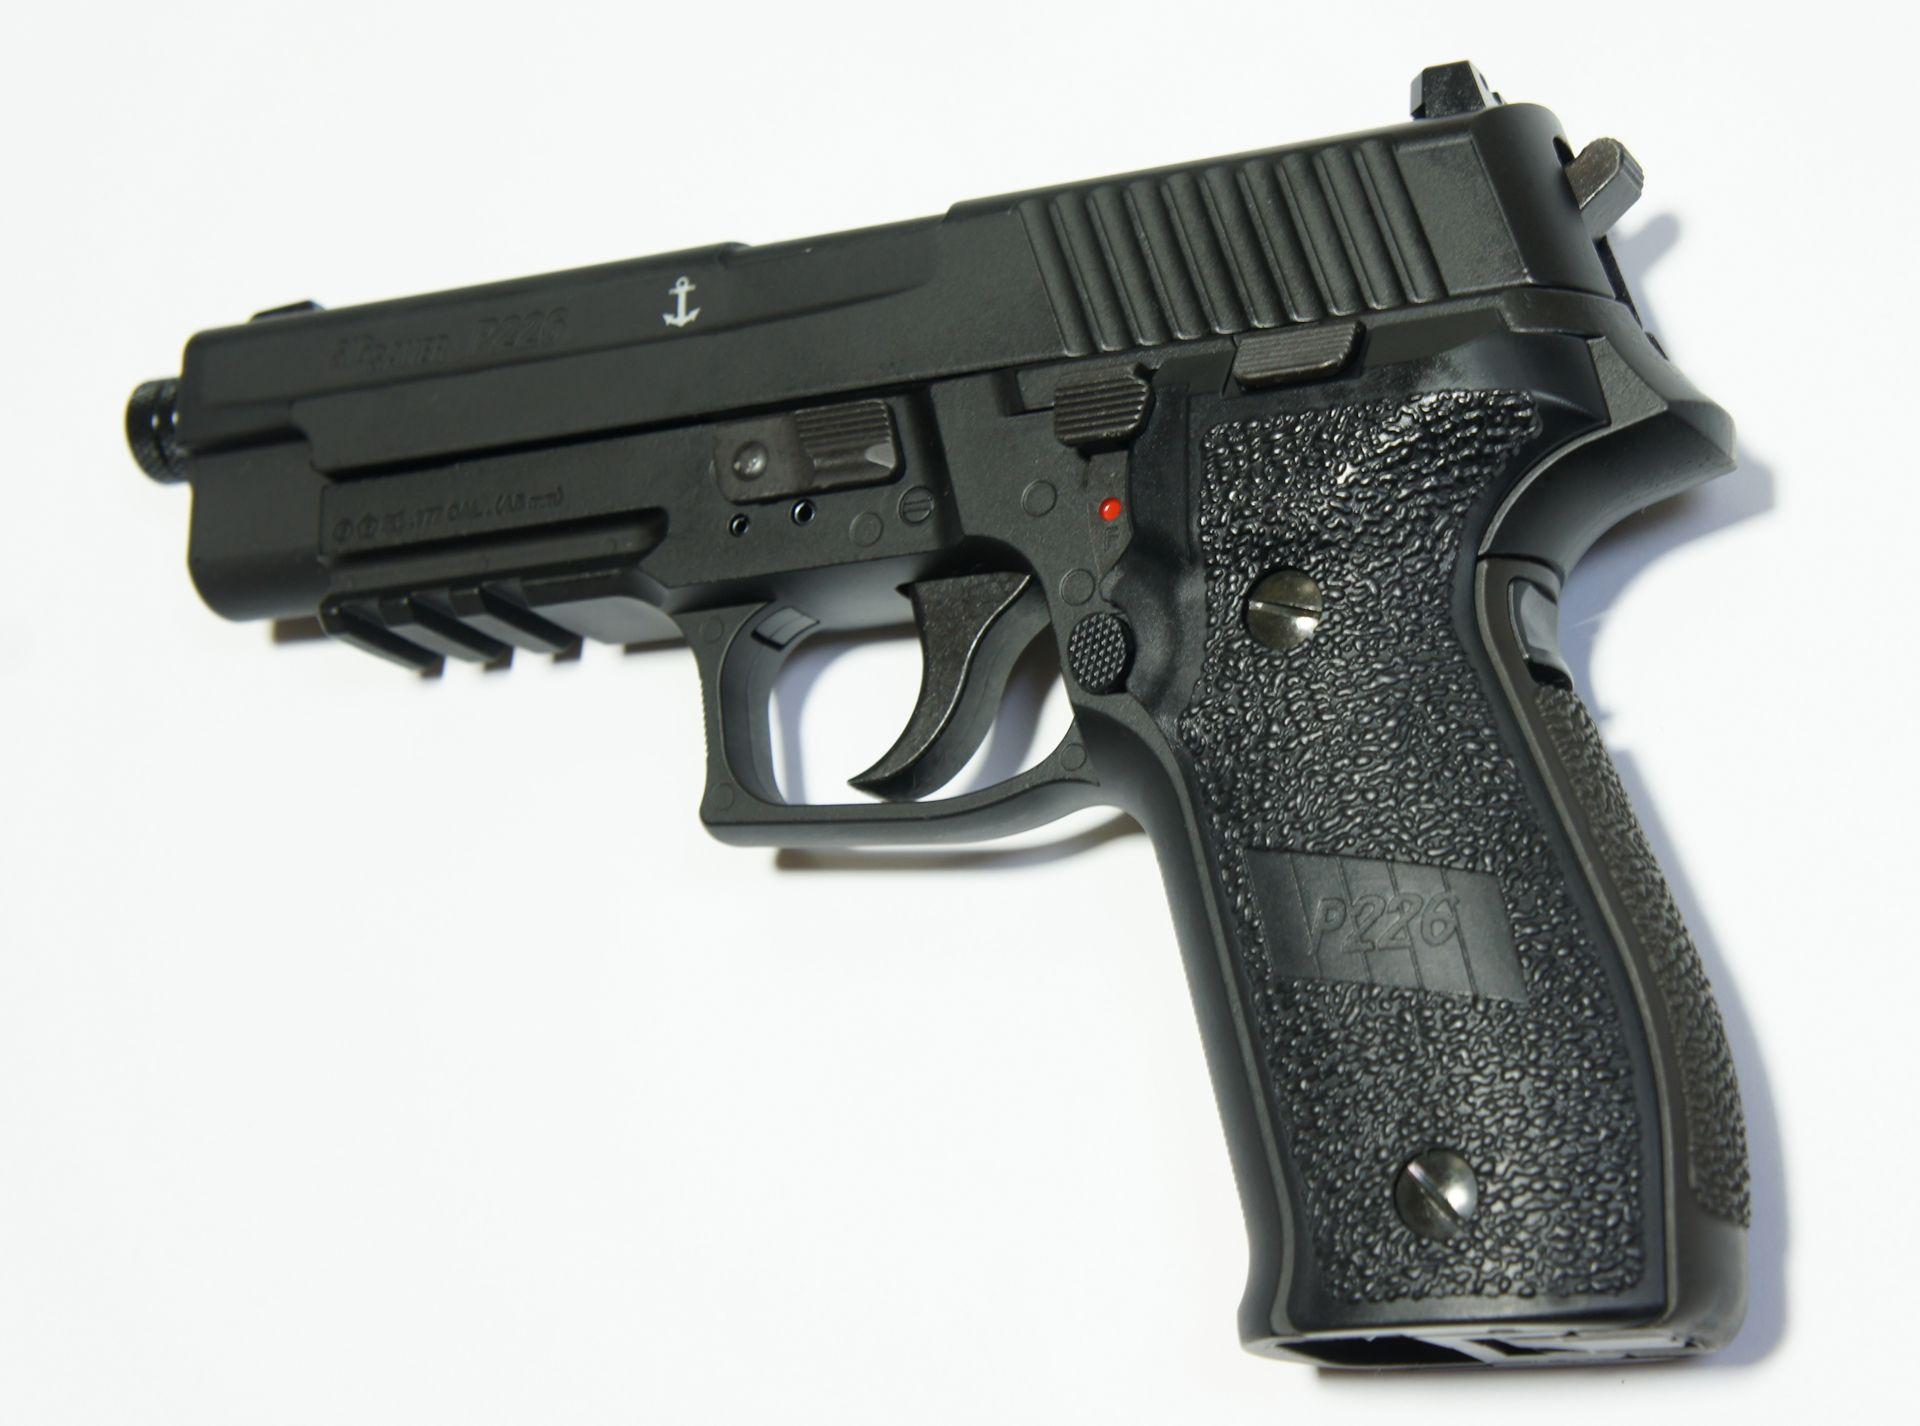 SIG P226 CO2-Pistole - 4,5 mm mit Laufgewinde 12x1